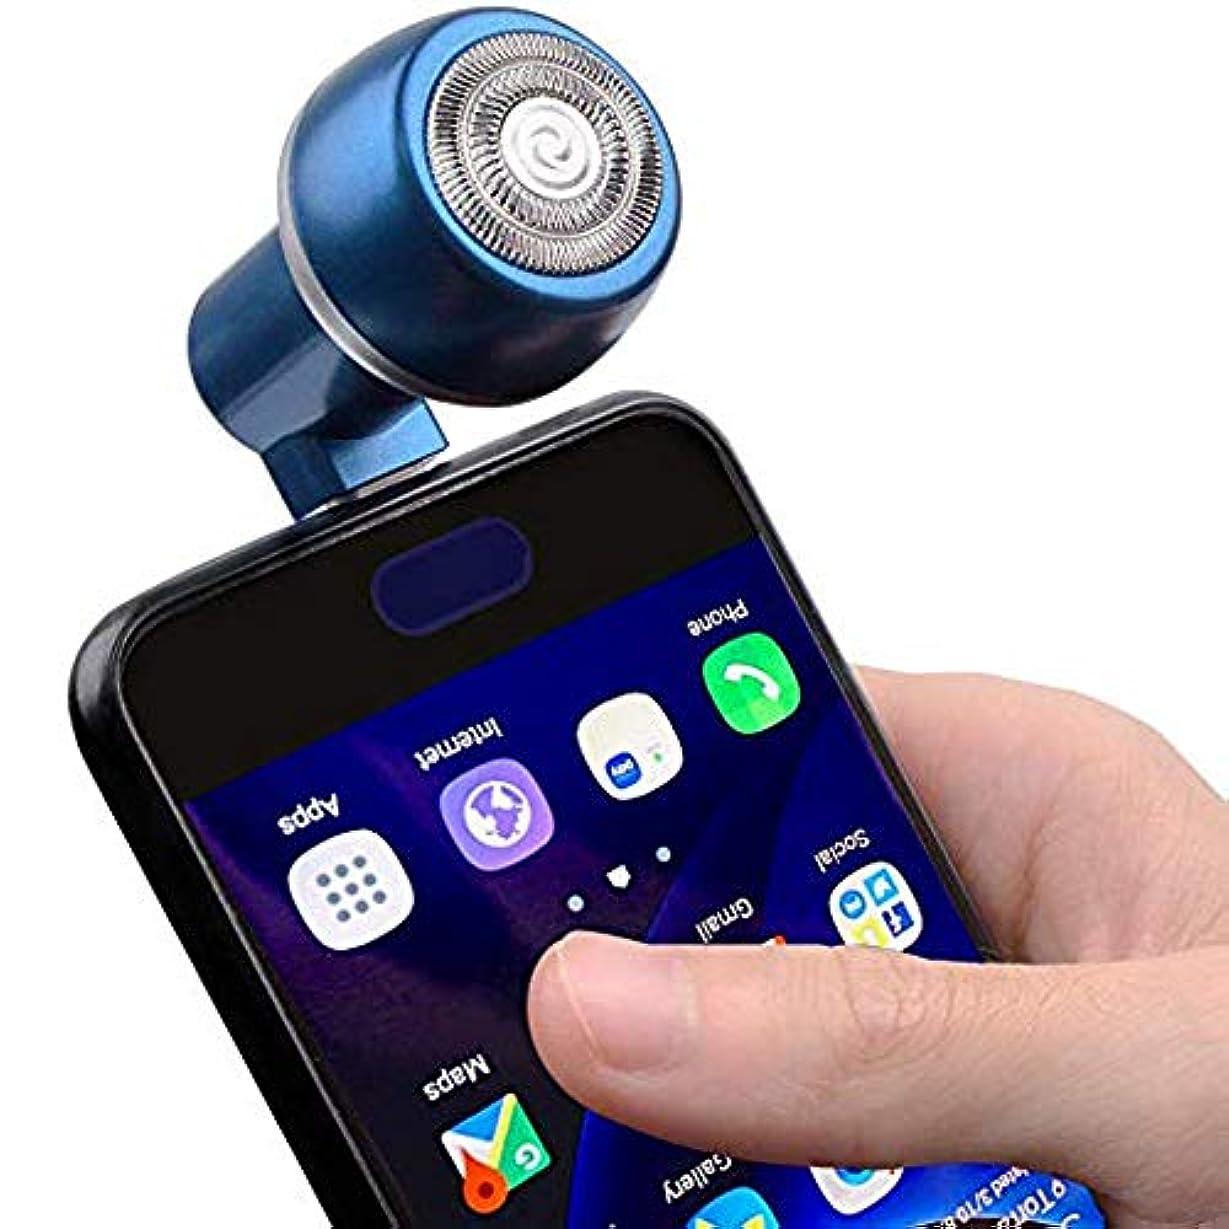 他の場所レール責iCaree 旅行電話シェーバー男性用ミニUSBスマートフォントリマー用Android携帯電話屋外ポータブルマイクロUSB電気シェーバー